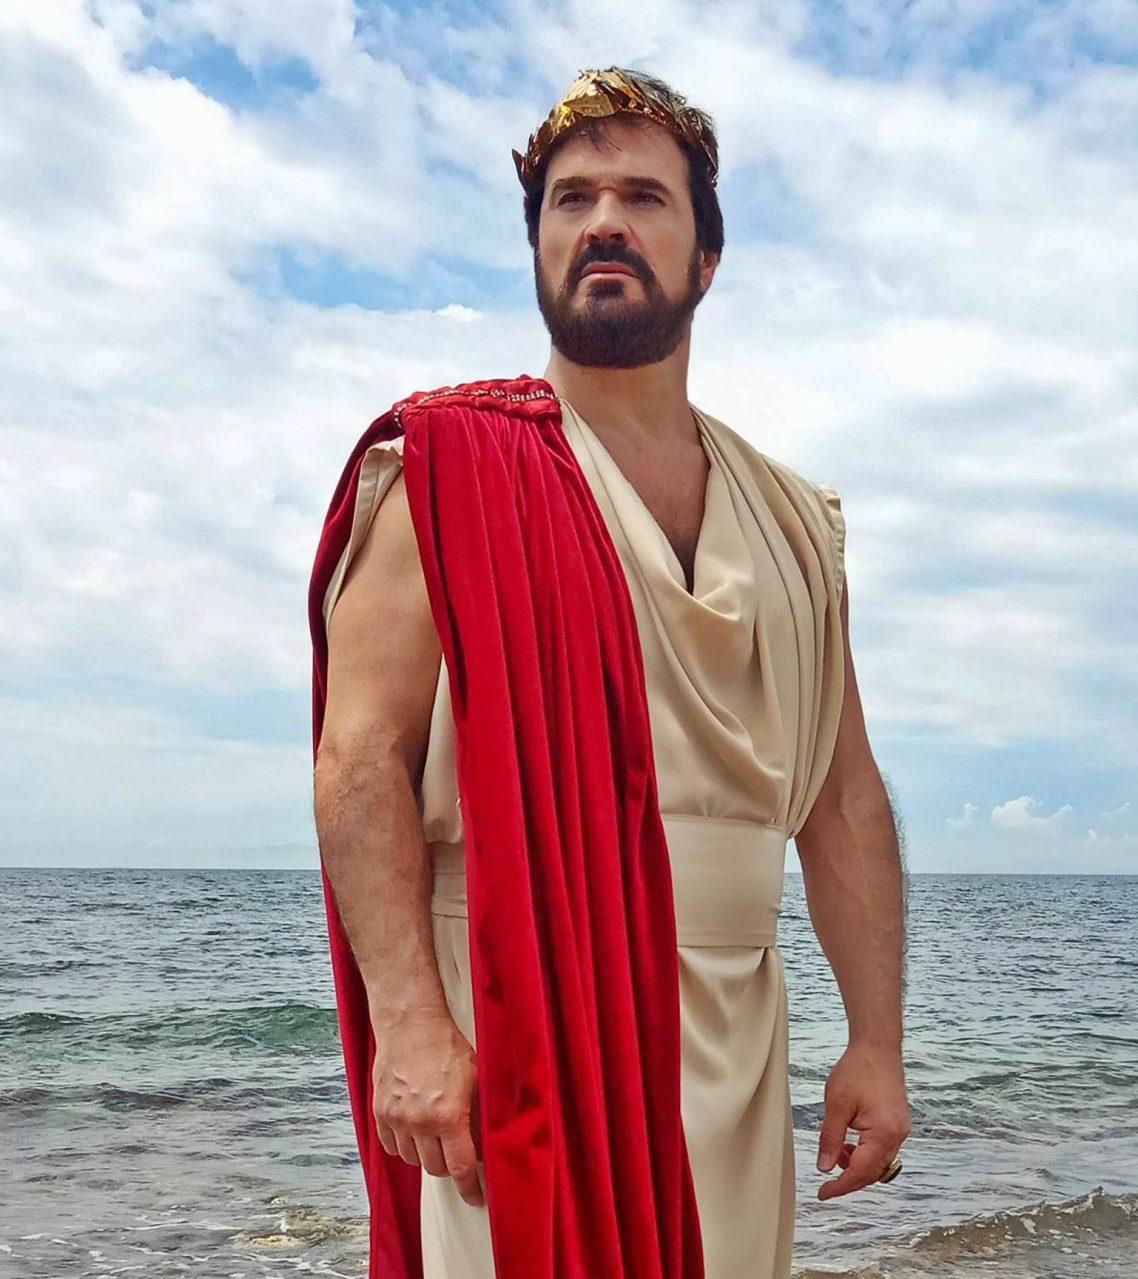 Αυτοκράτωρ Αδριανός. 4ος χρόνος παραστάσεων!